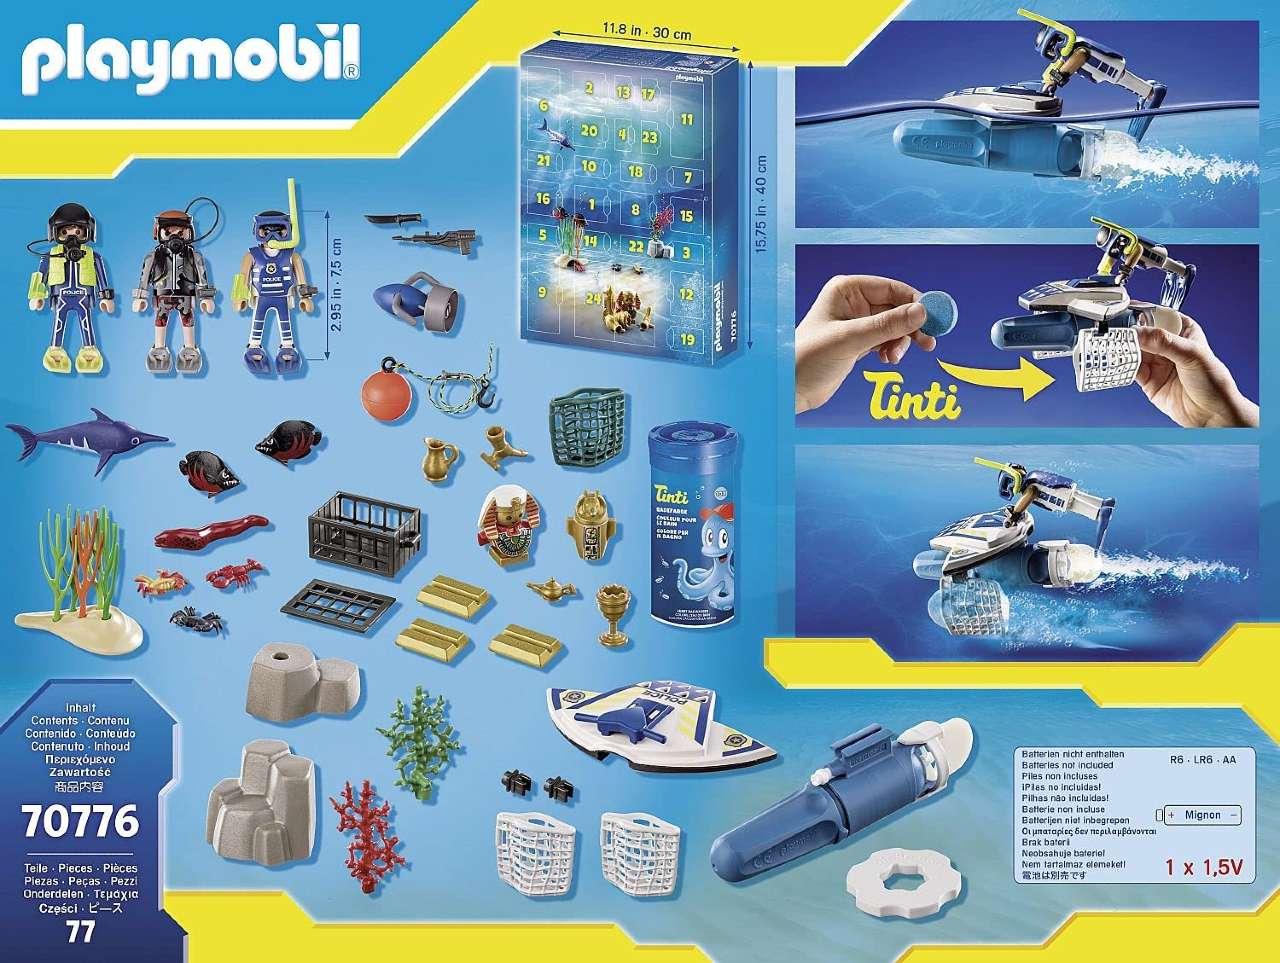 Calendario Adviento Playmobil 2021